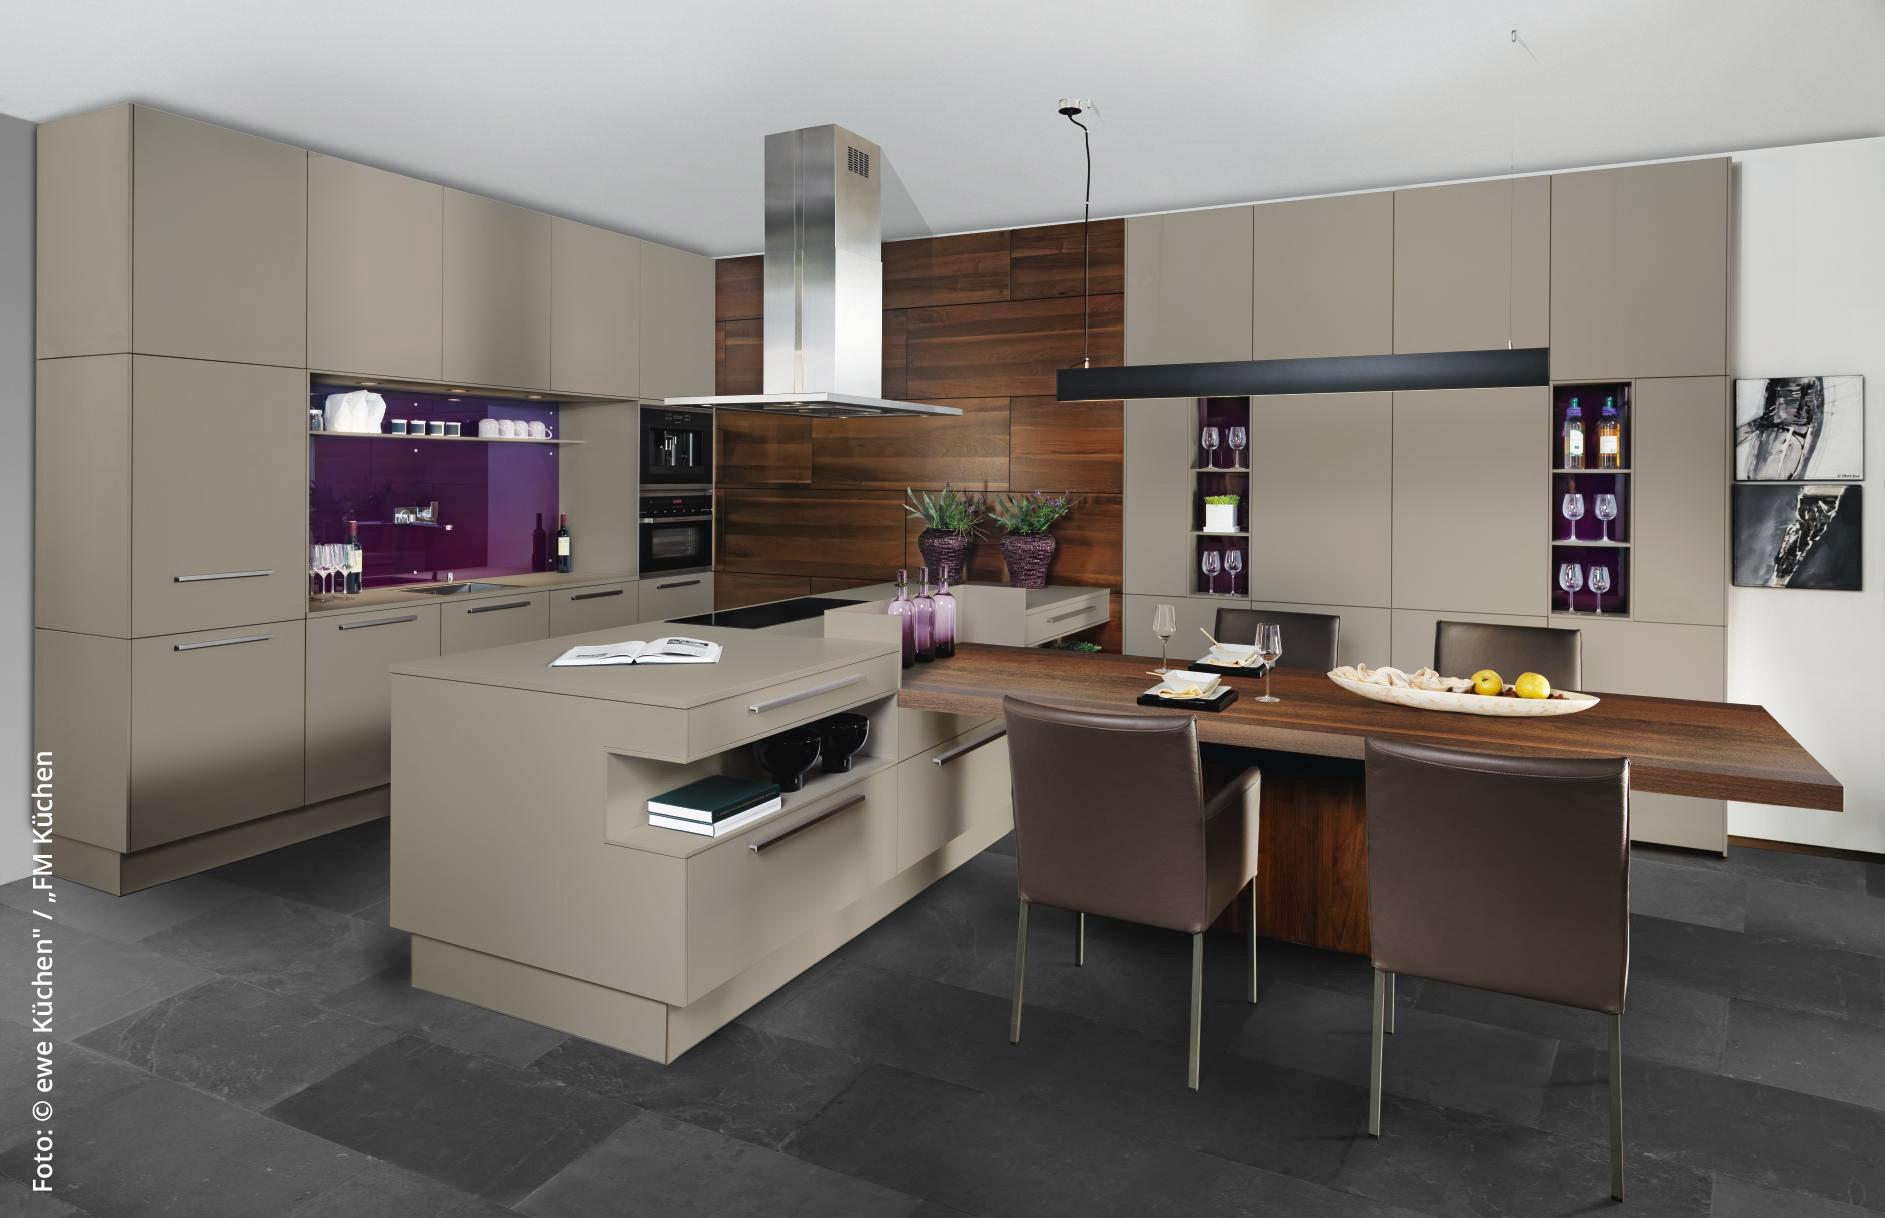 k chen tischlerei edelmann 3370 ybbs donau. Black Bedroom Furniture Sets. Home Design Ideas